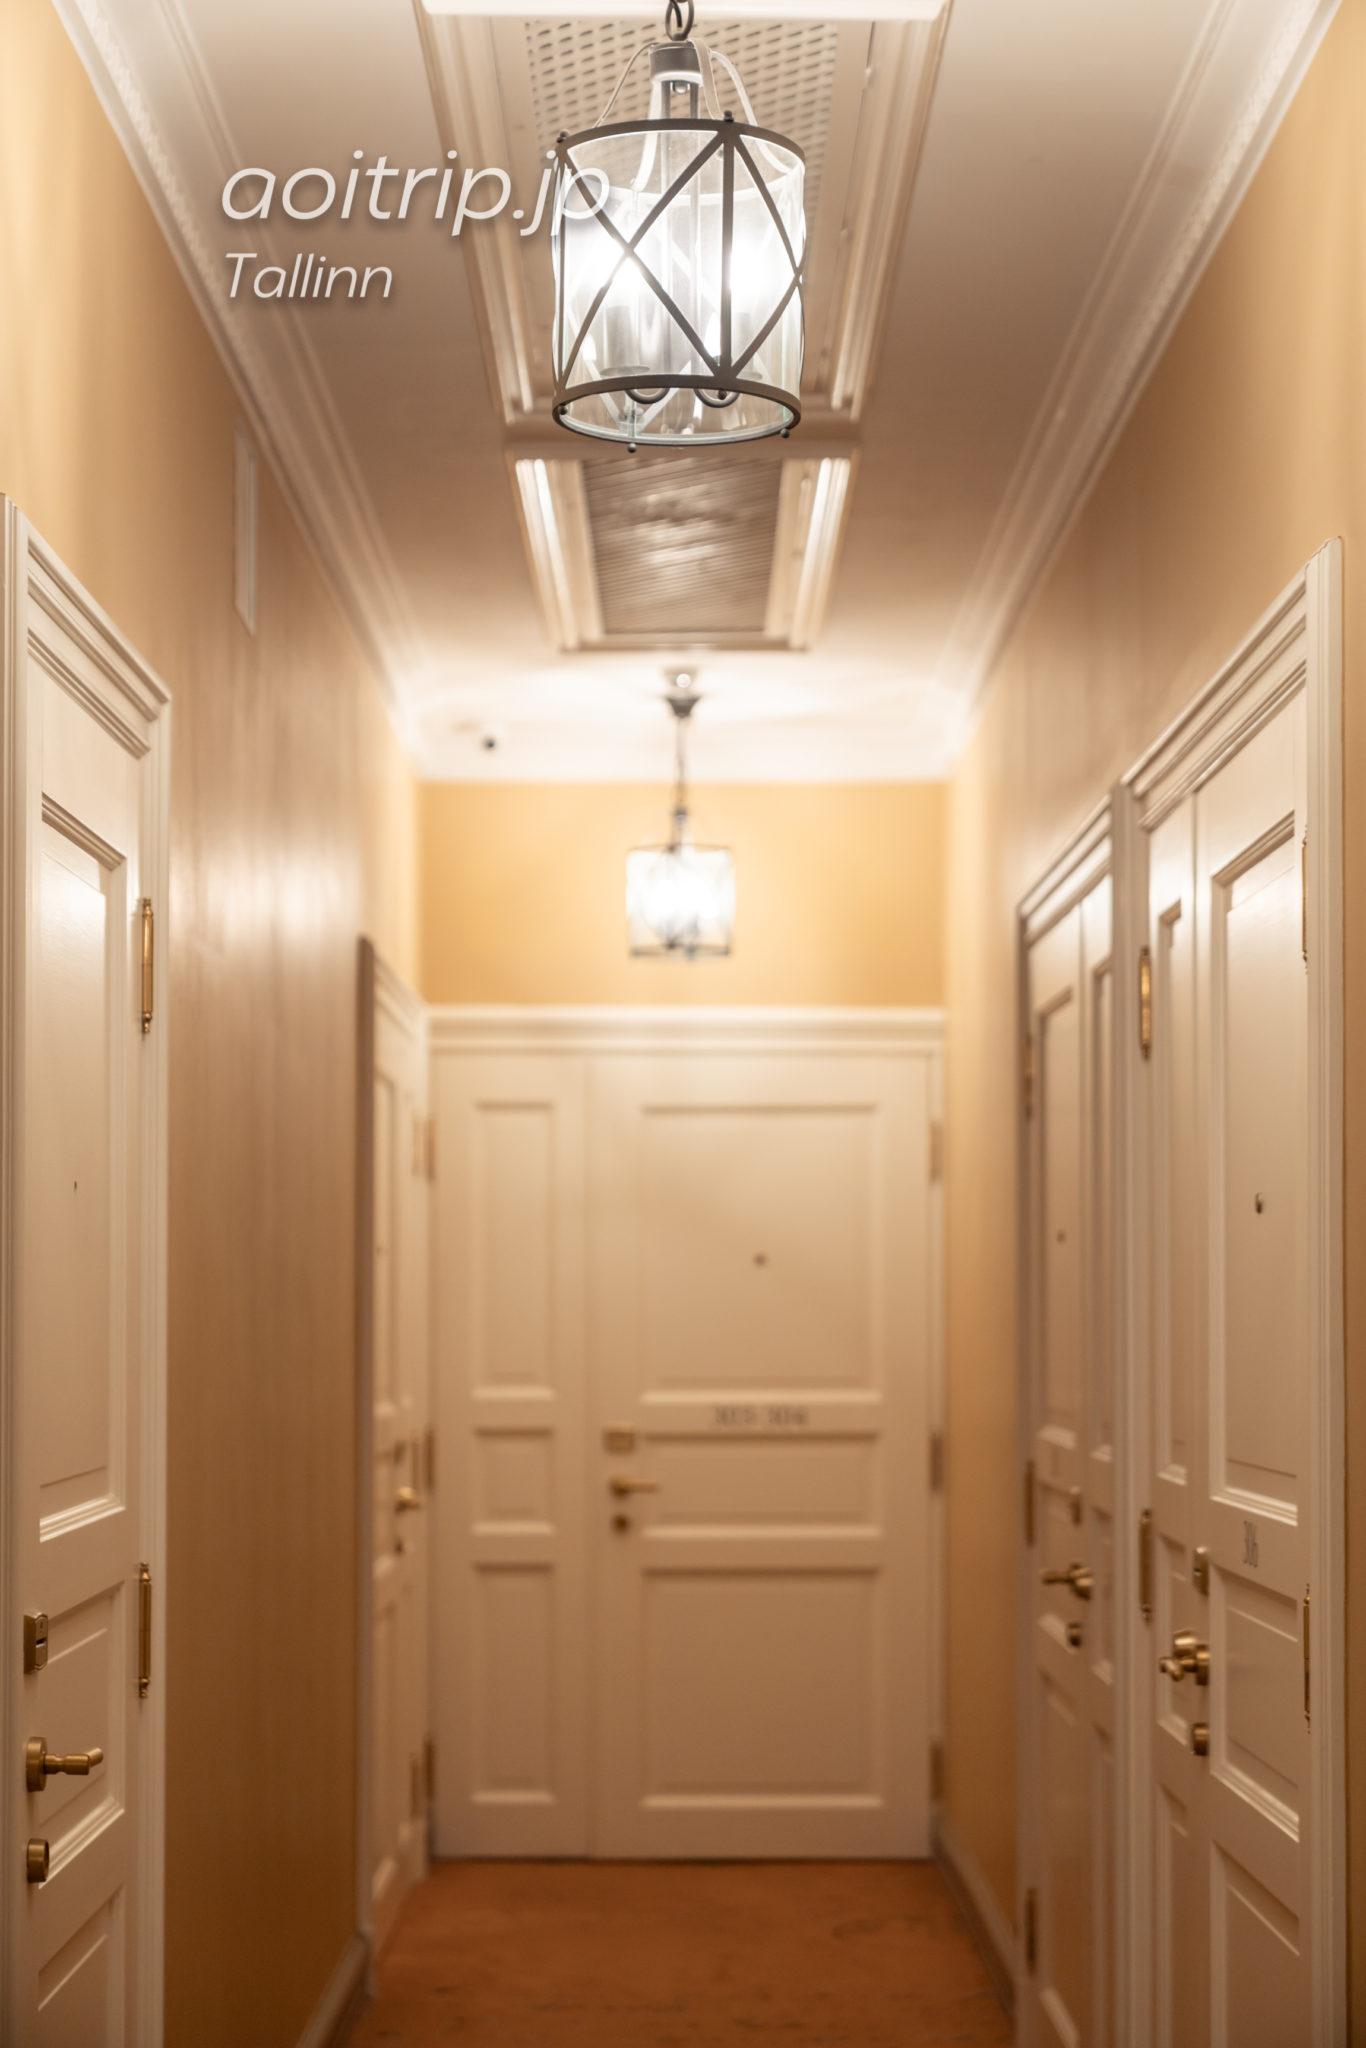 ホテルテレグラーフの内廊下